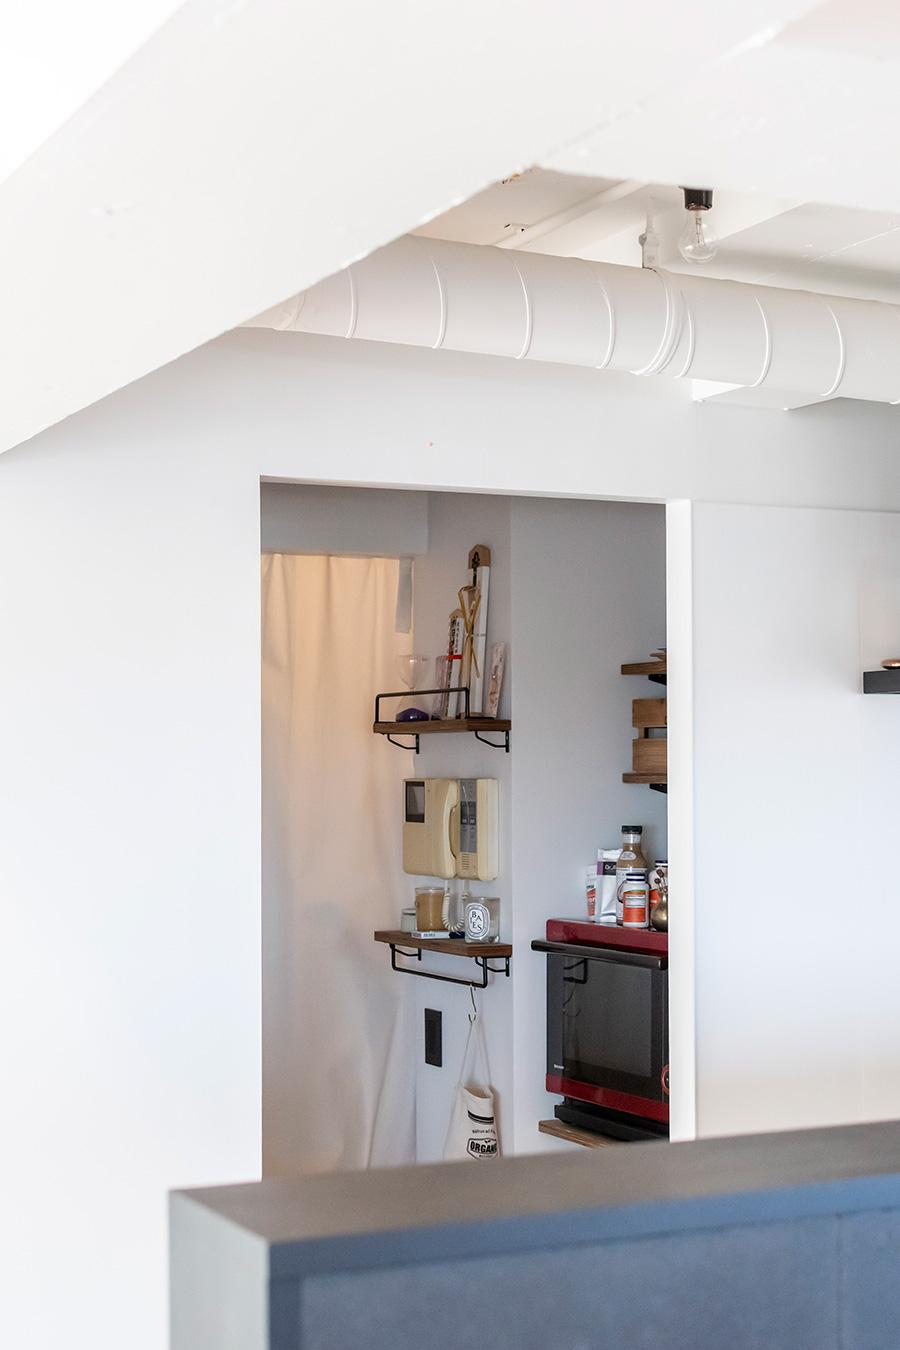 キッチンの奥にはたっぷり収納できるパントリー。